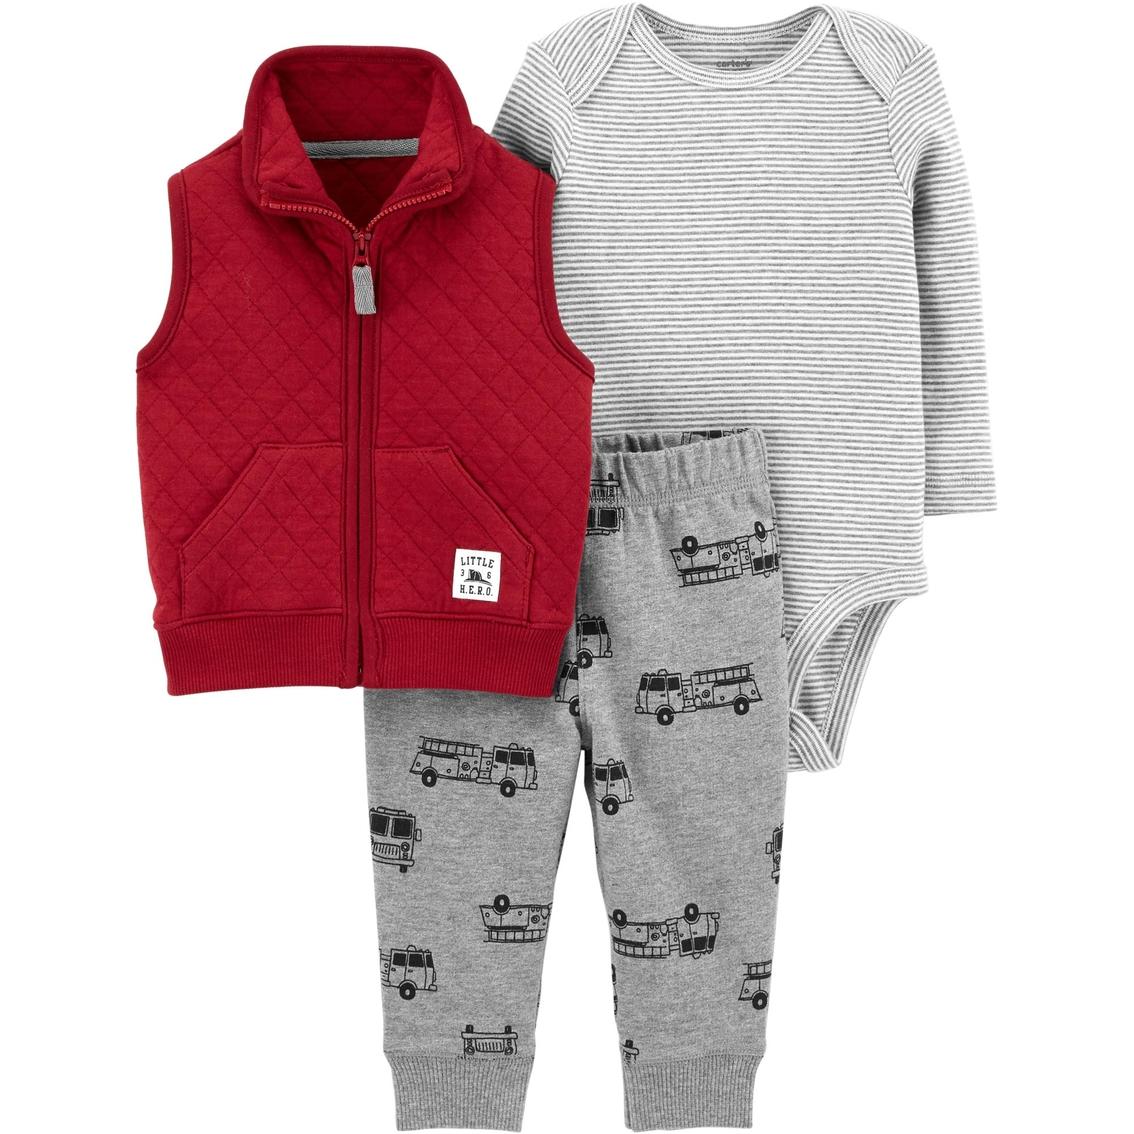 07c85e18 Carter's Infant Boys 3 Pc. Fire Truck Vest Set | Baby Boy 0-24 ...